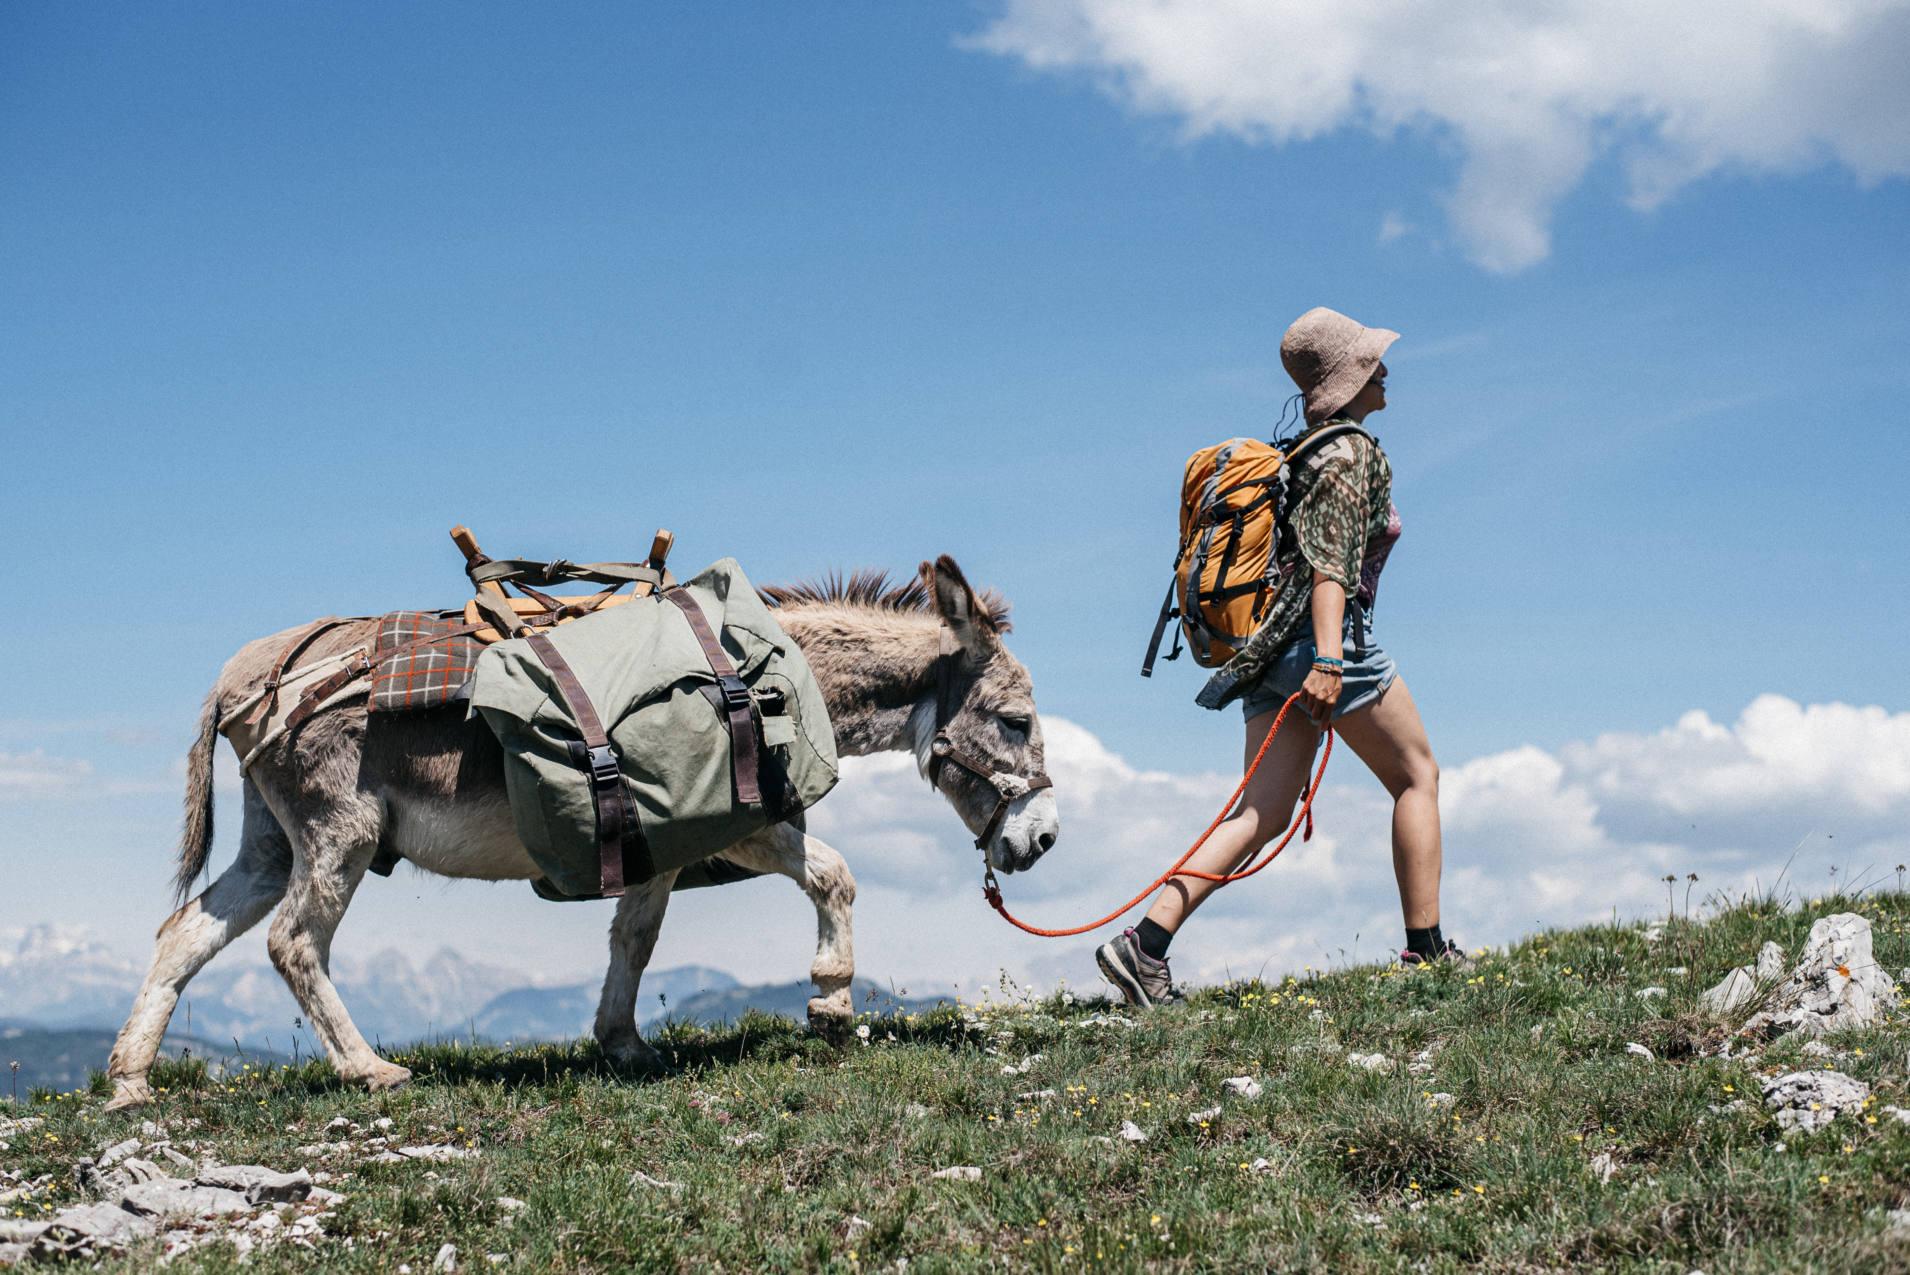 randonnée avec des ânes dans le Haut Diois - photo Maité Baldi